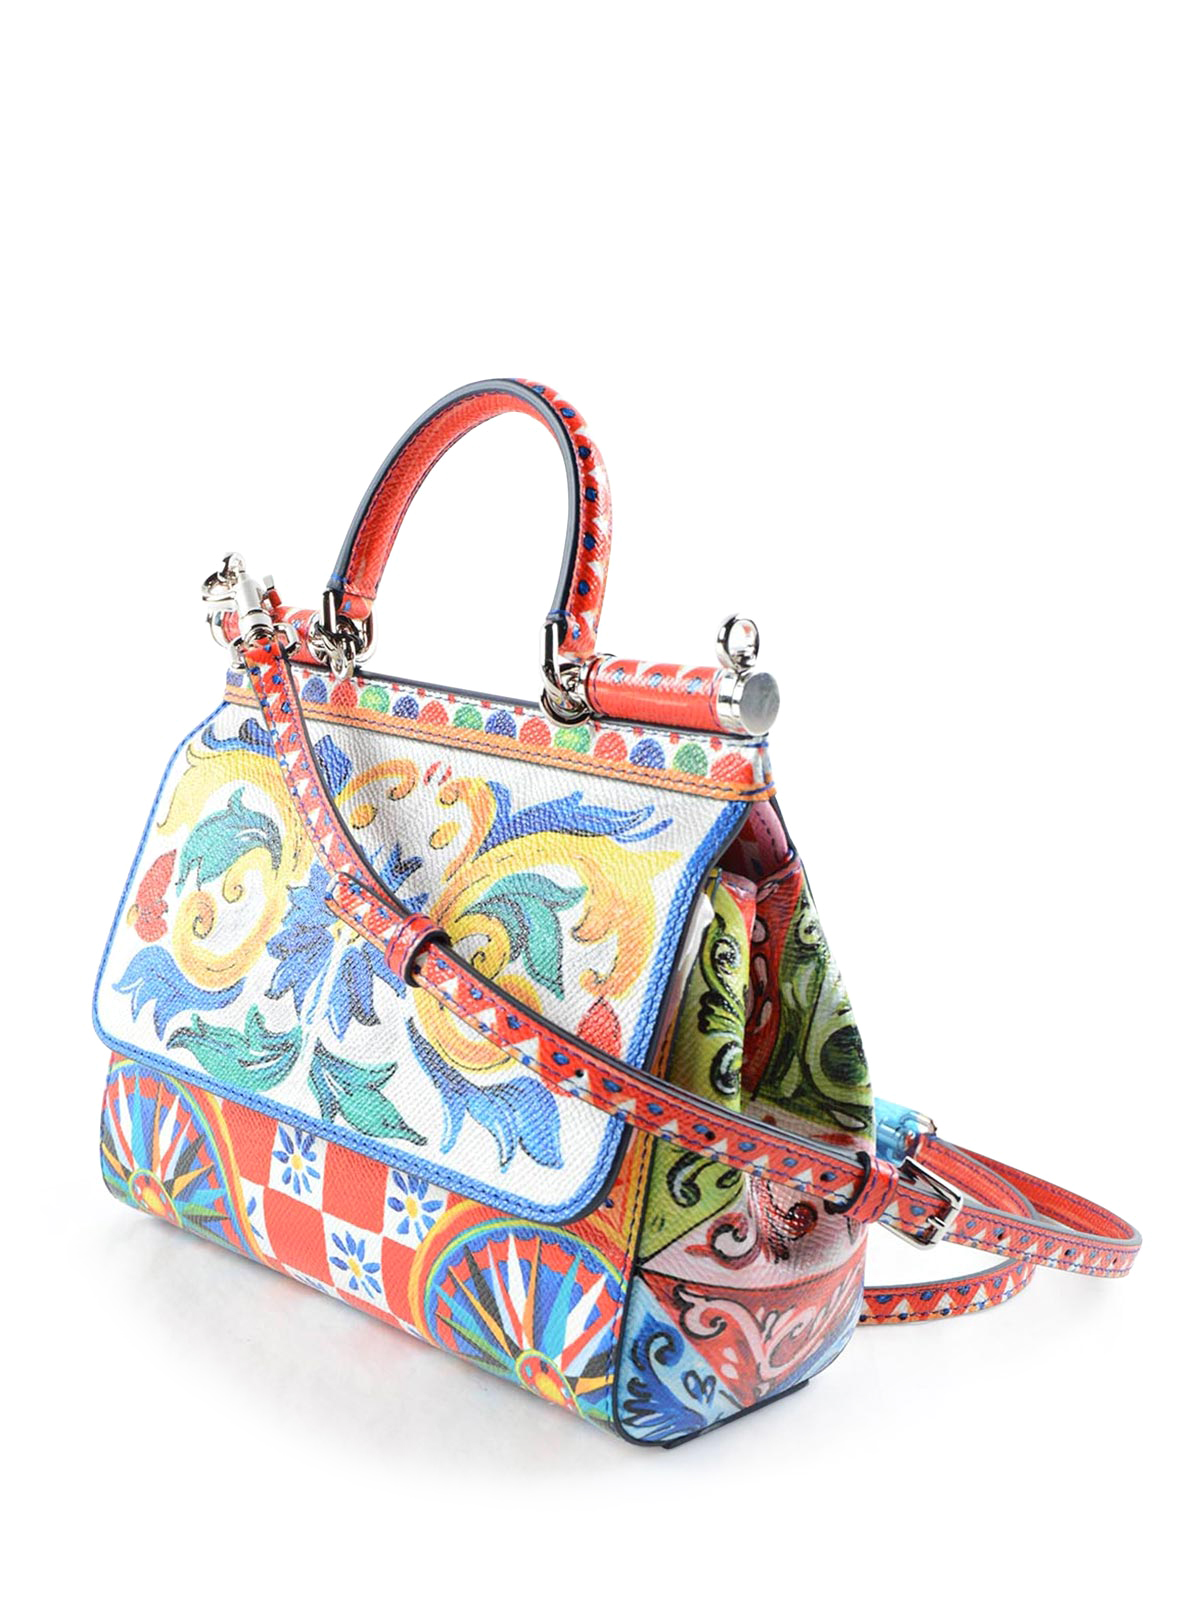 Dolce & Gabbana Sicily Mambo print small bag bowling